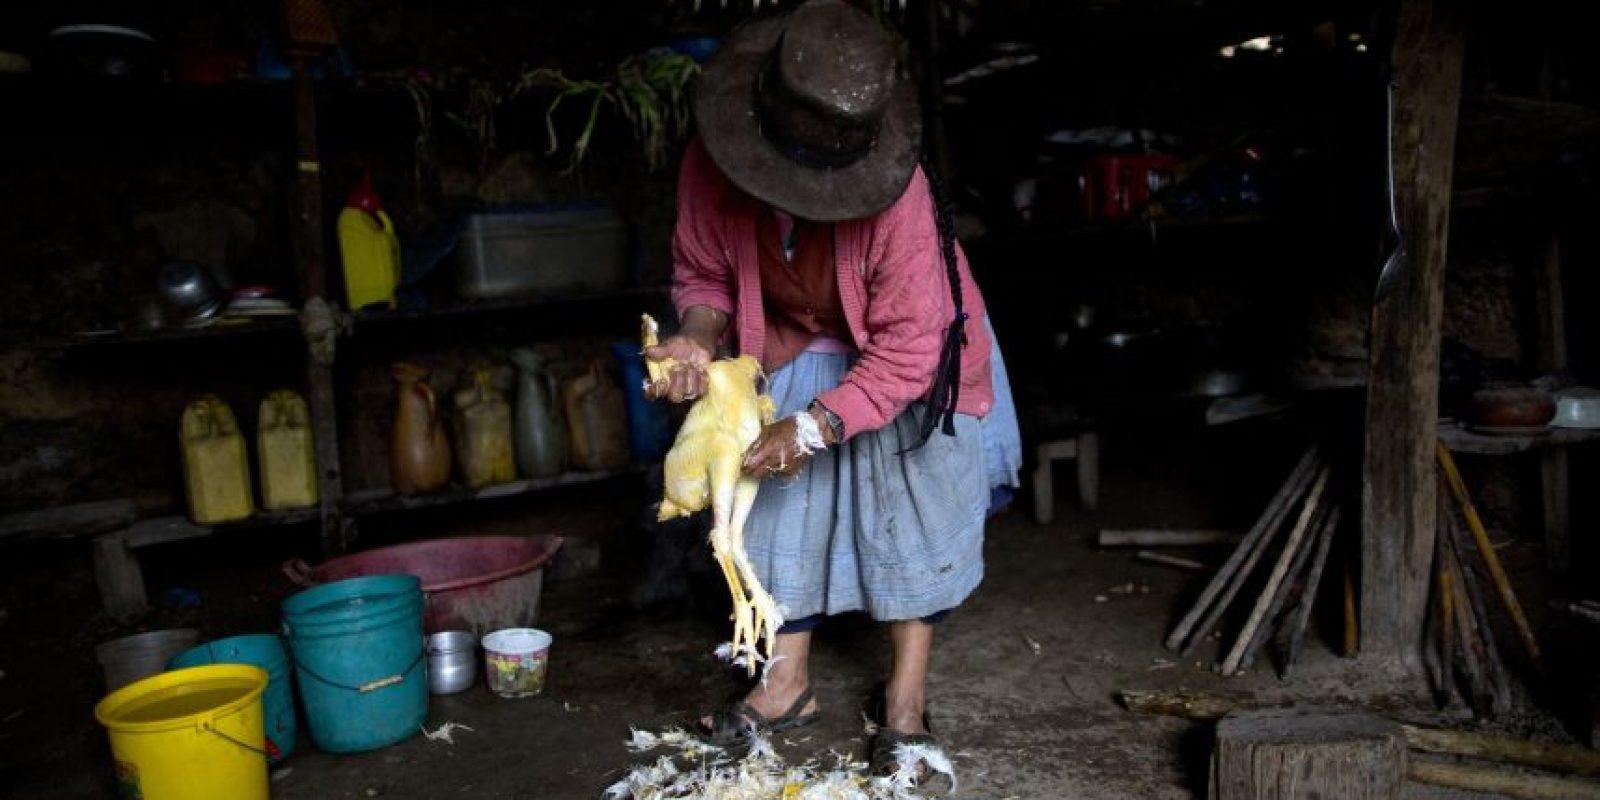 """En esta imagen del 15 de marzo de 2015, Rufina Galvez despluma un pollo para preparar una cena especial en el segundo aniversario de la muerte de su hijo en La Mar, provincia de Ayacucho, Perú. Yuri, un mochilero de cocaína, siempre estaba atento al celular, dijo su madre. La vez que no la llamó durante un viaje en marzo de 2013, la madre, preocupada, leyó las hojas de coca para averiguar qué había pasado. Cogió un puñado en una mano y las soltó lentamente sobre su pollera, según la costumbre. """"Las hojas cayeron de espalda, una mala señal"""", pensó. Foto:AP Foto/Rodrigo Abd"""